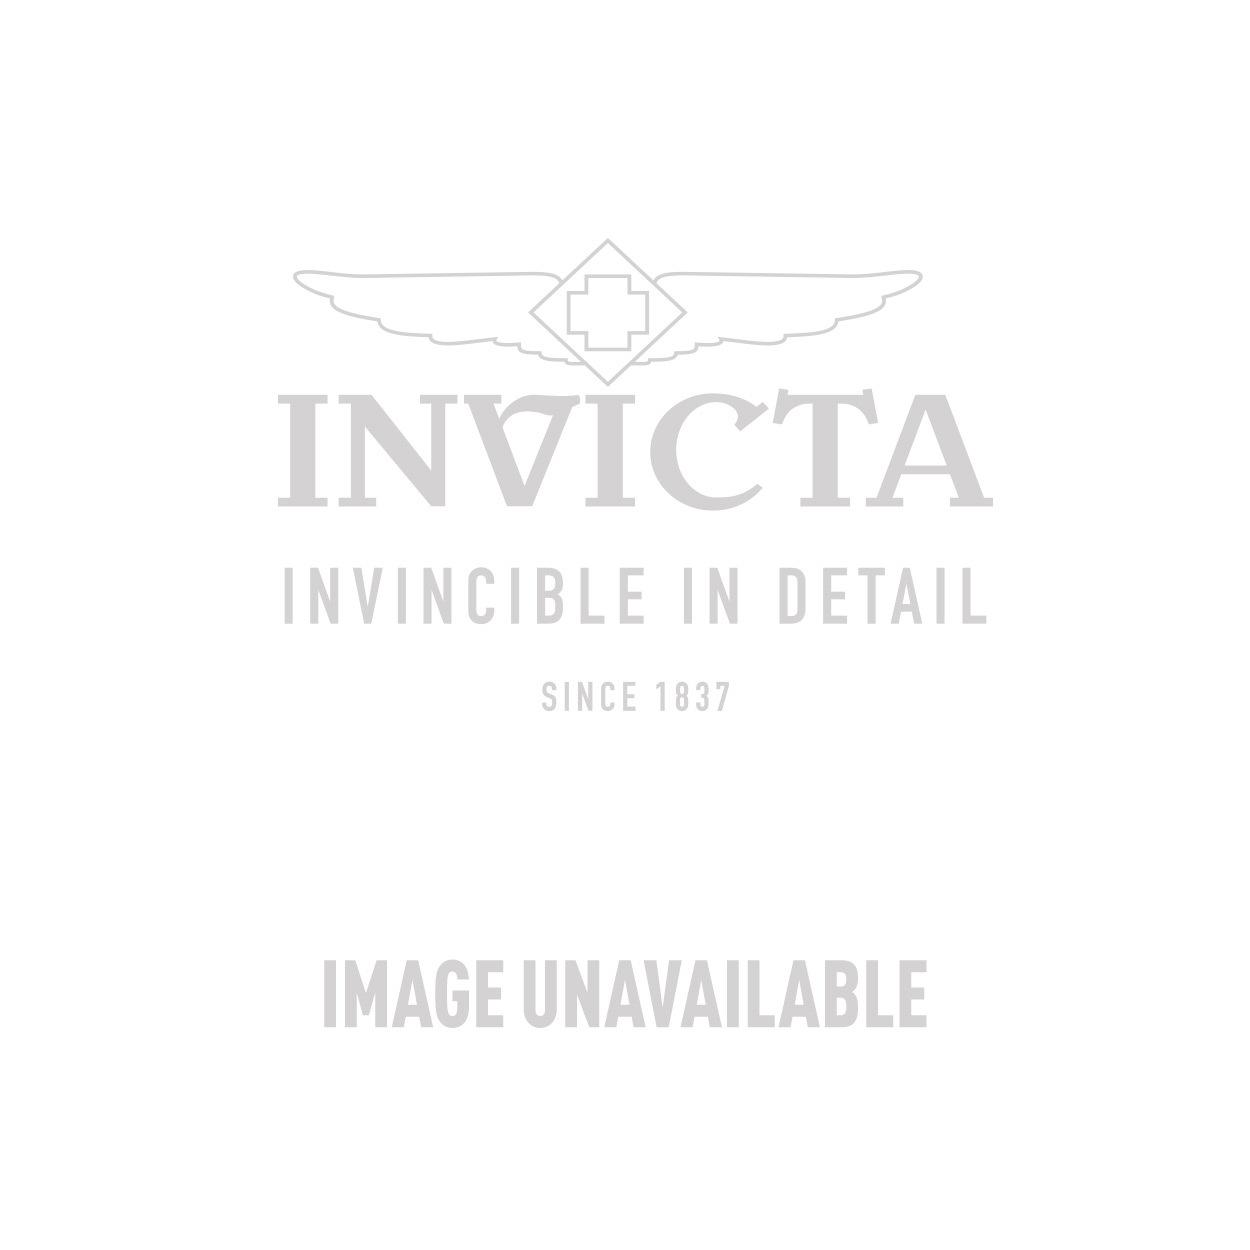 Invicta Model 28133